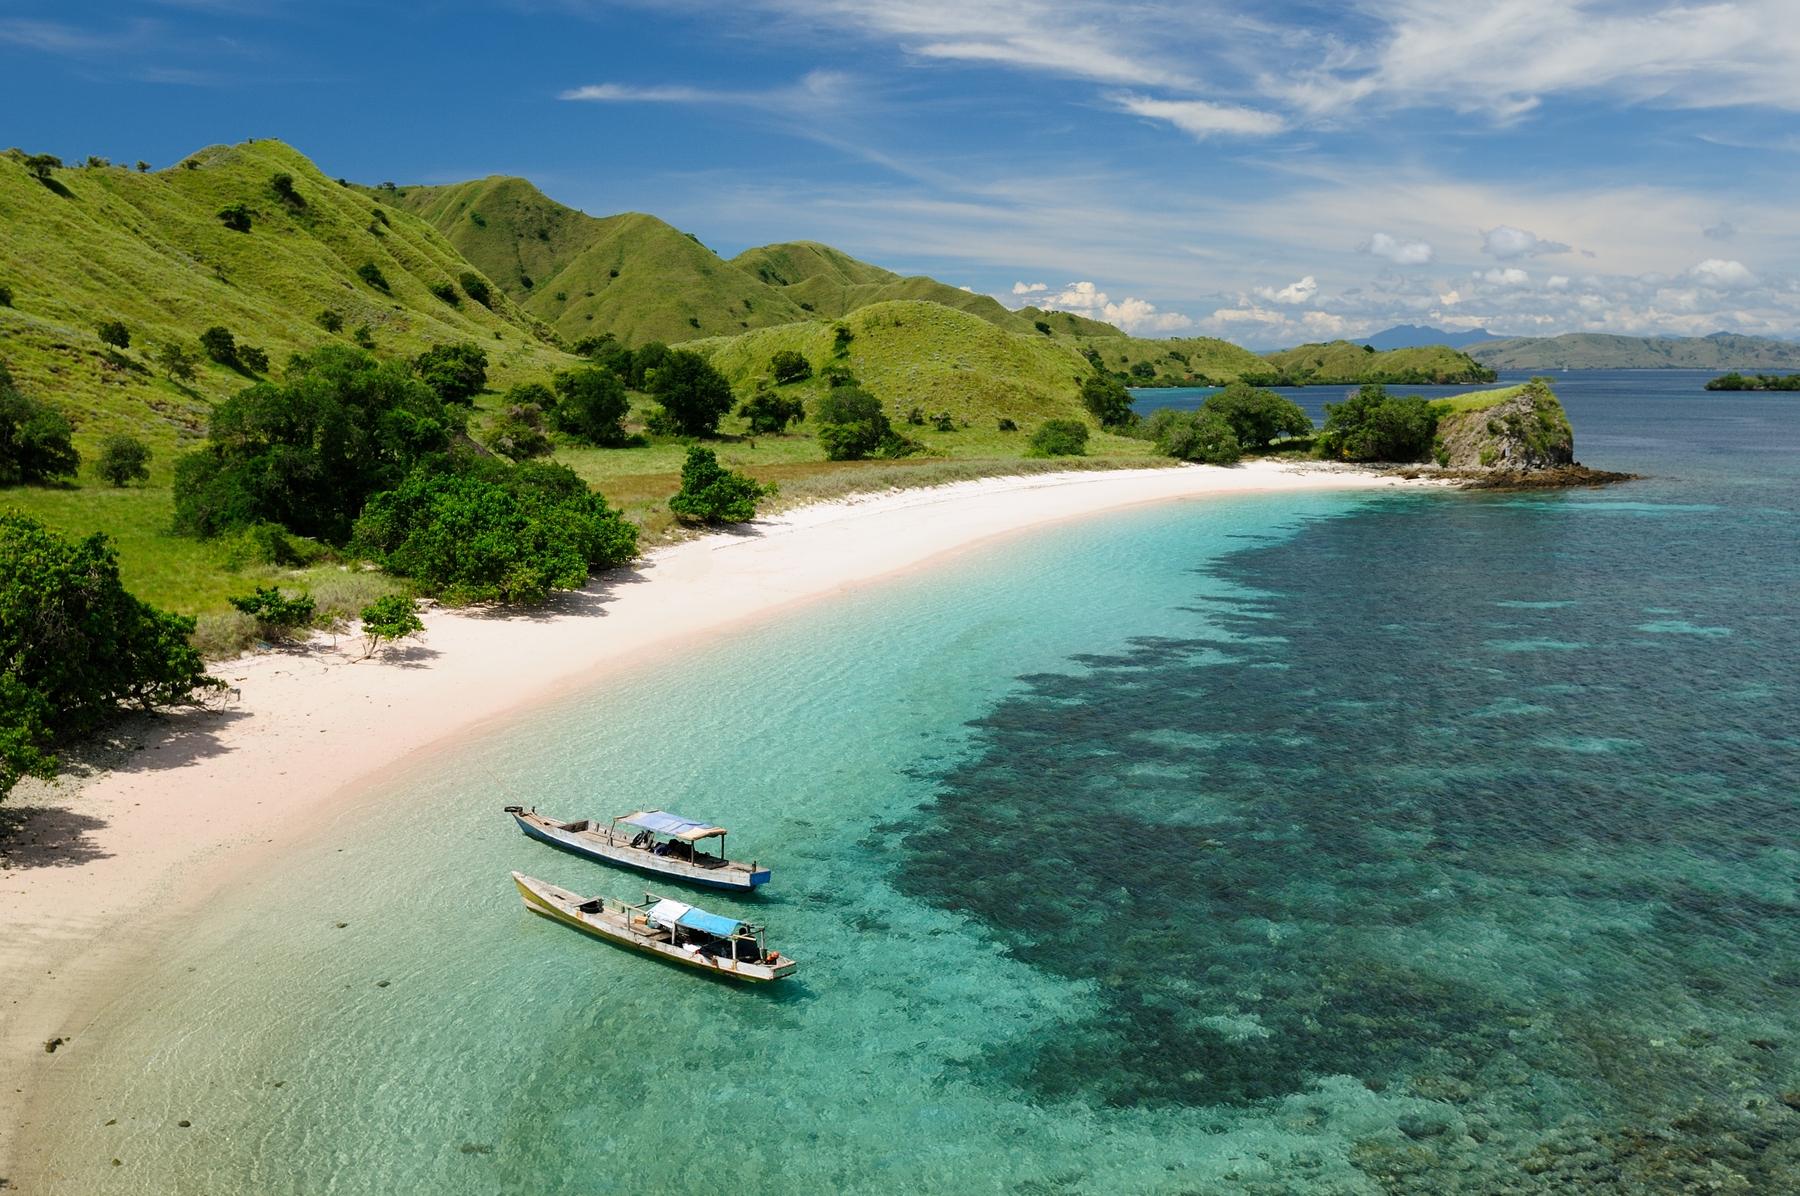 Остров Флорес в Индонезии